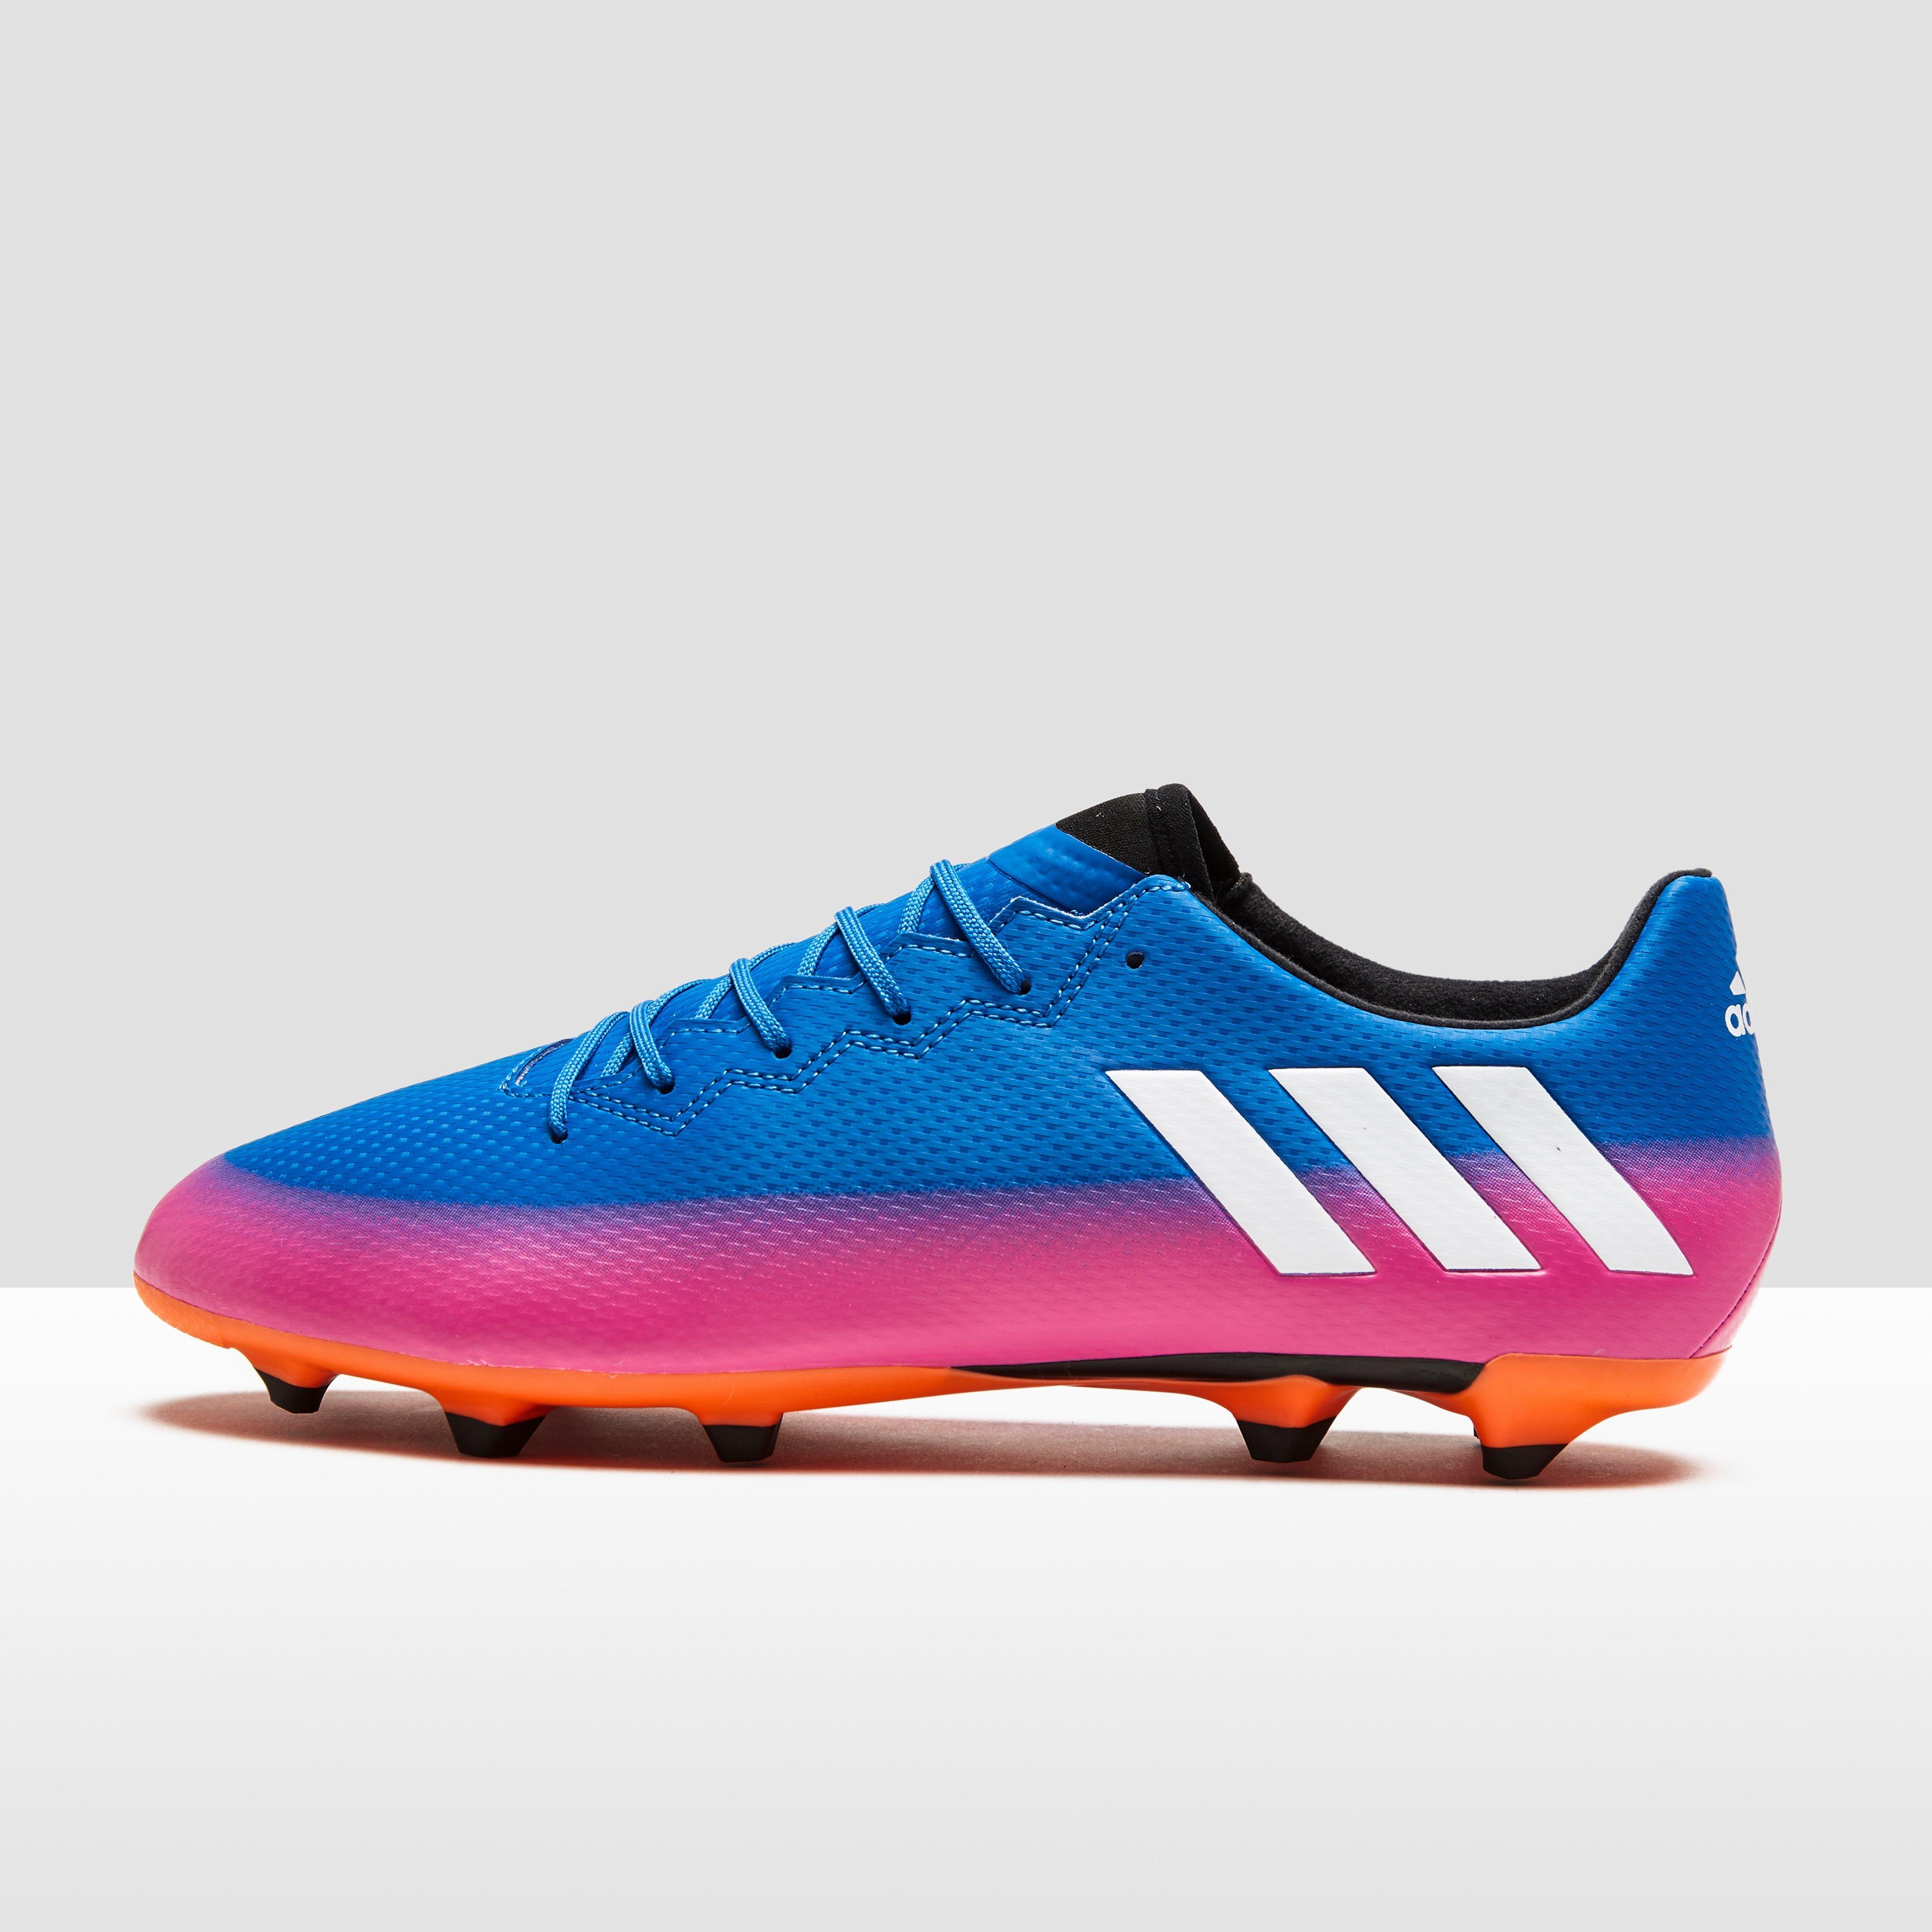 Bleu Adidas Chaussures Pour Les Hommes Messi Q8L8DRf